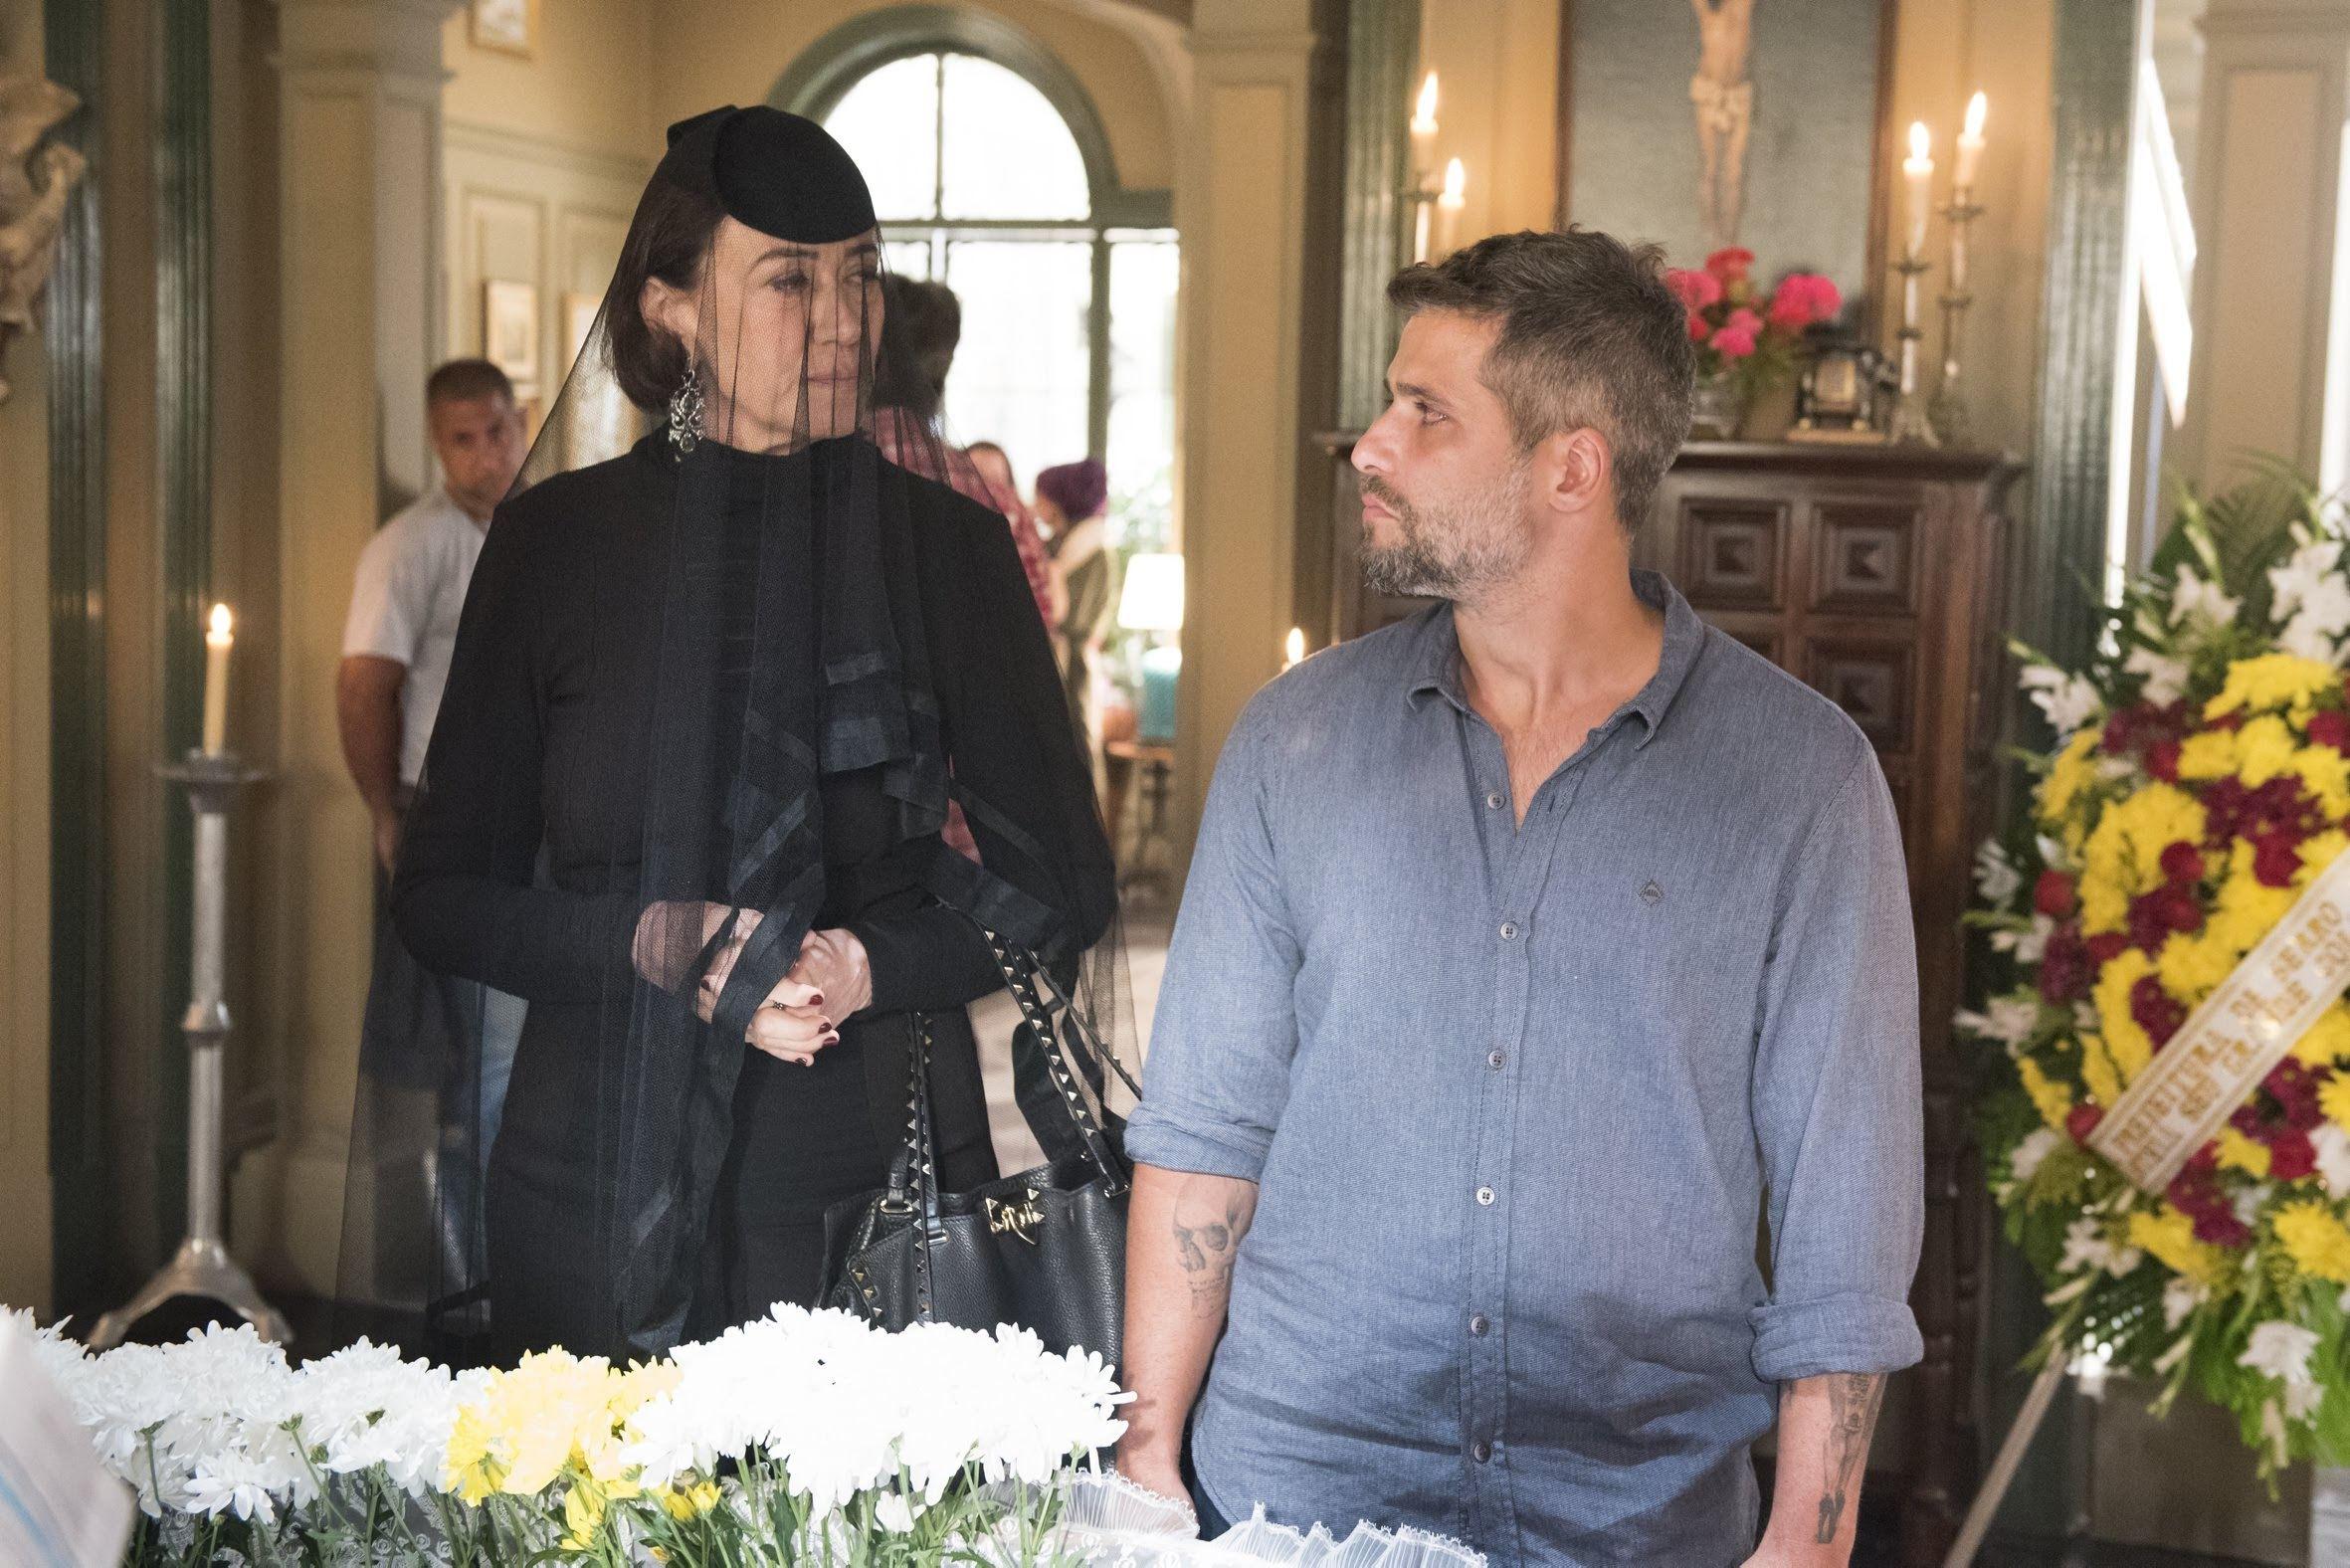 Valentina (Lília Cabral) sai da porta que leva a caverna e vê Gabriel (Bruno Gagliasso) quase debruçado no caixão de Egidio (Antonio Calloni), ela não esboça nenhuma emoção. Mãe e filho se reencontram